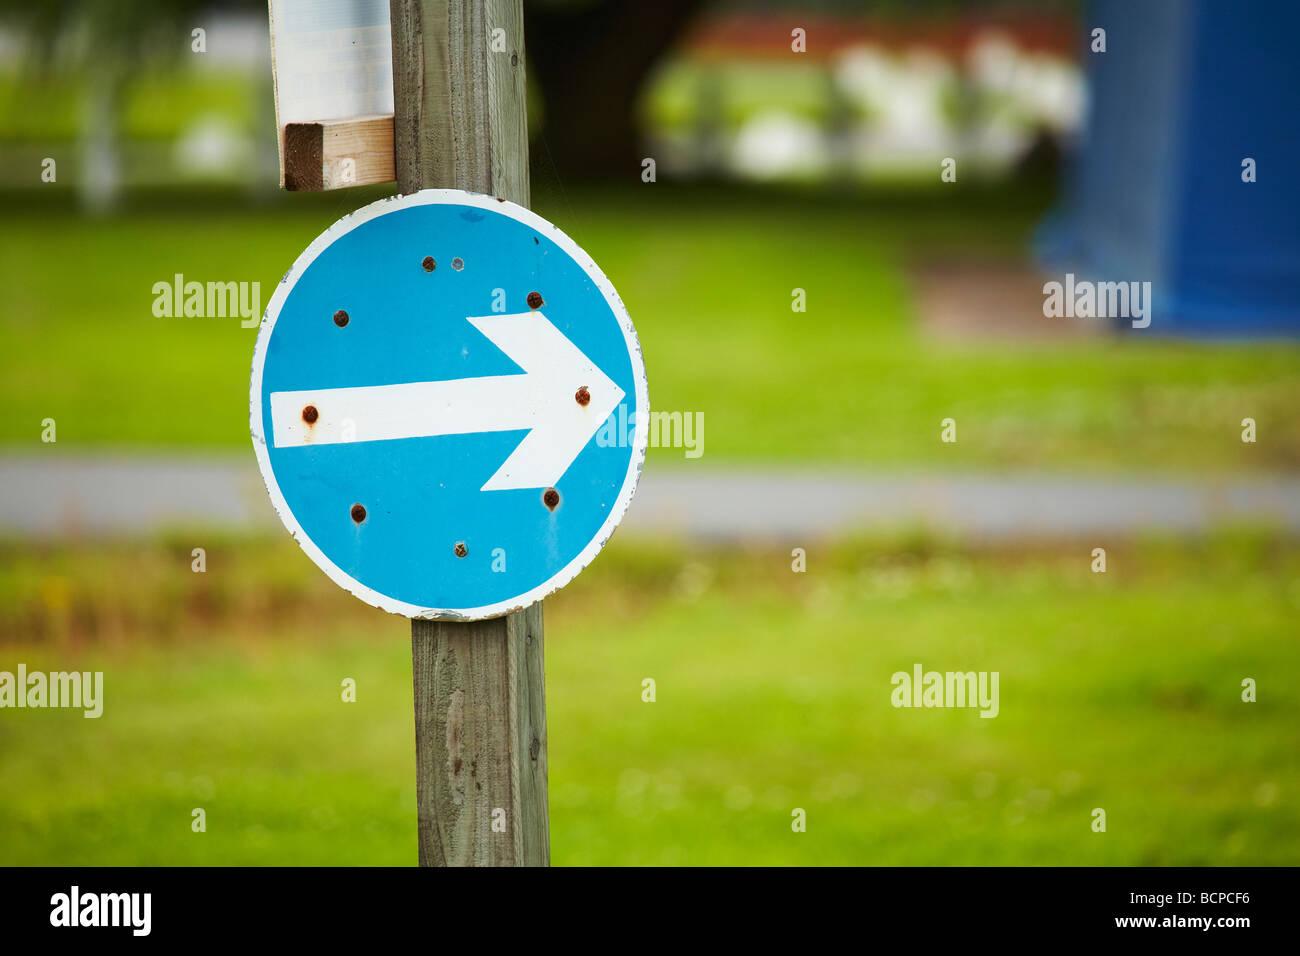 Manténgase a la derecha, Flecha azul abstracto de señalización Imagen De Stock